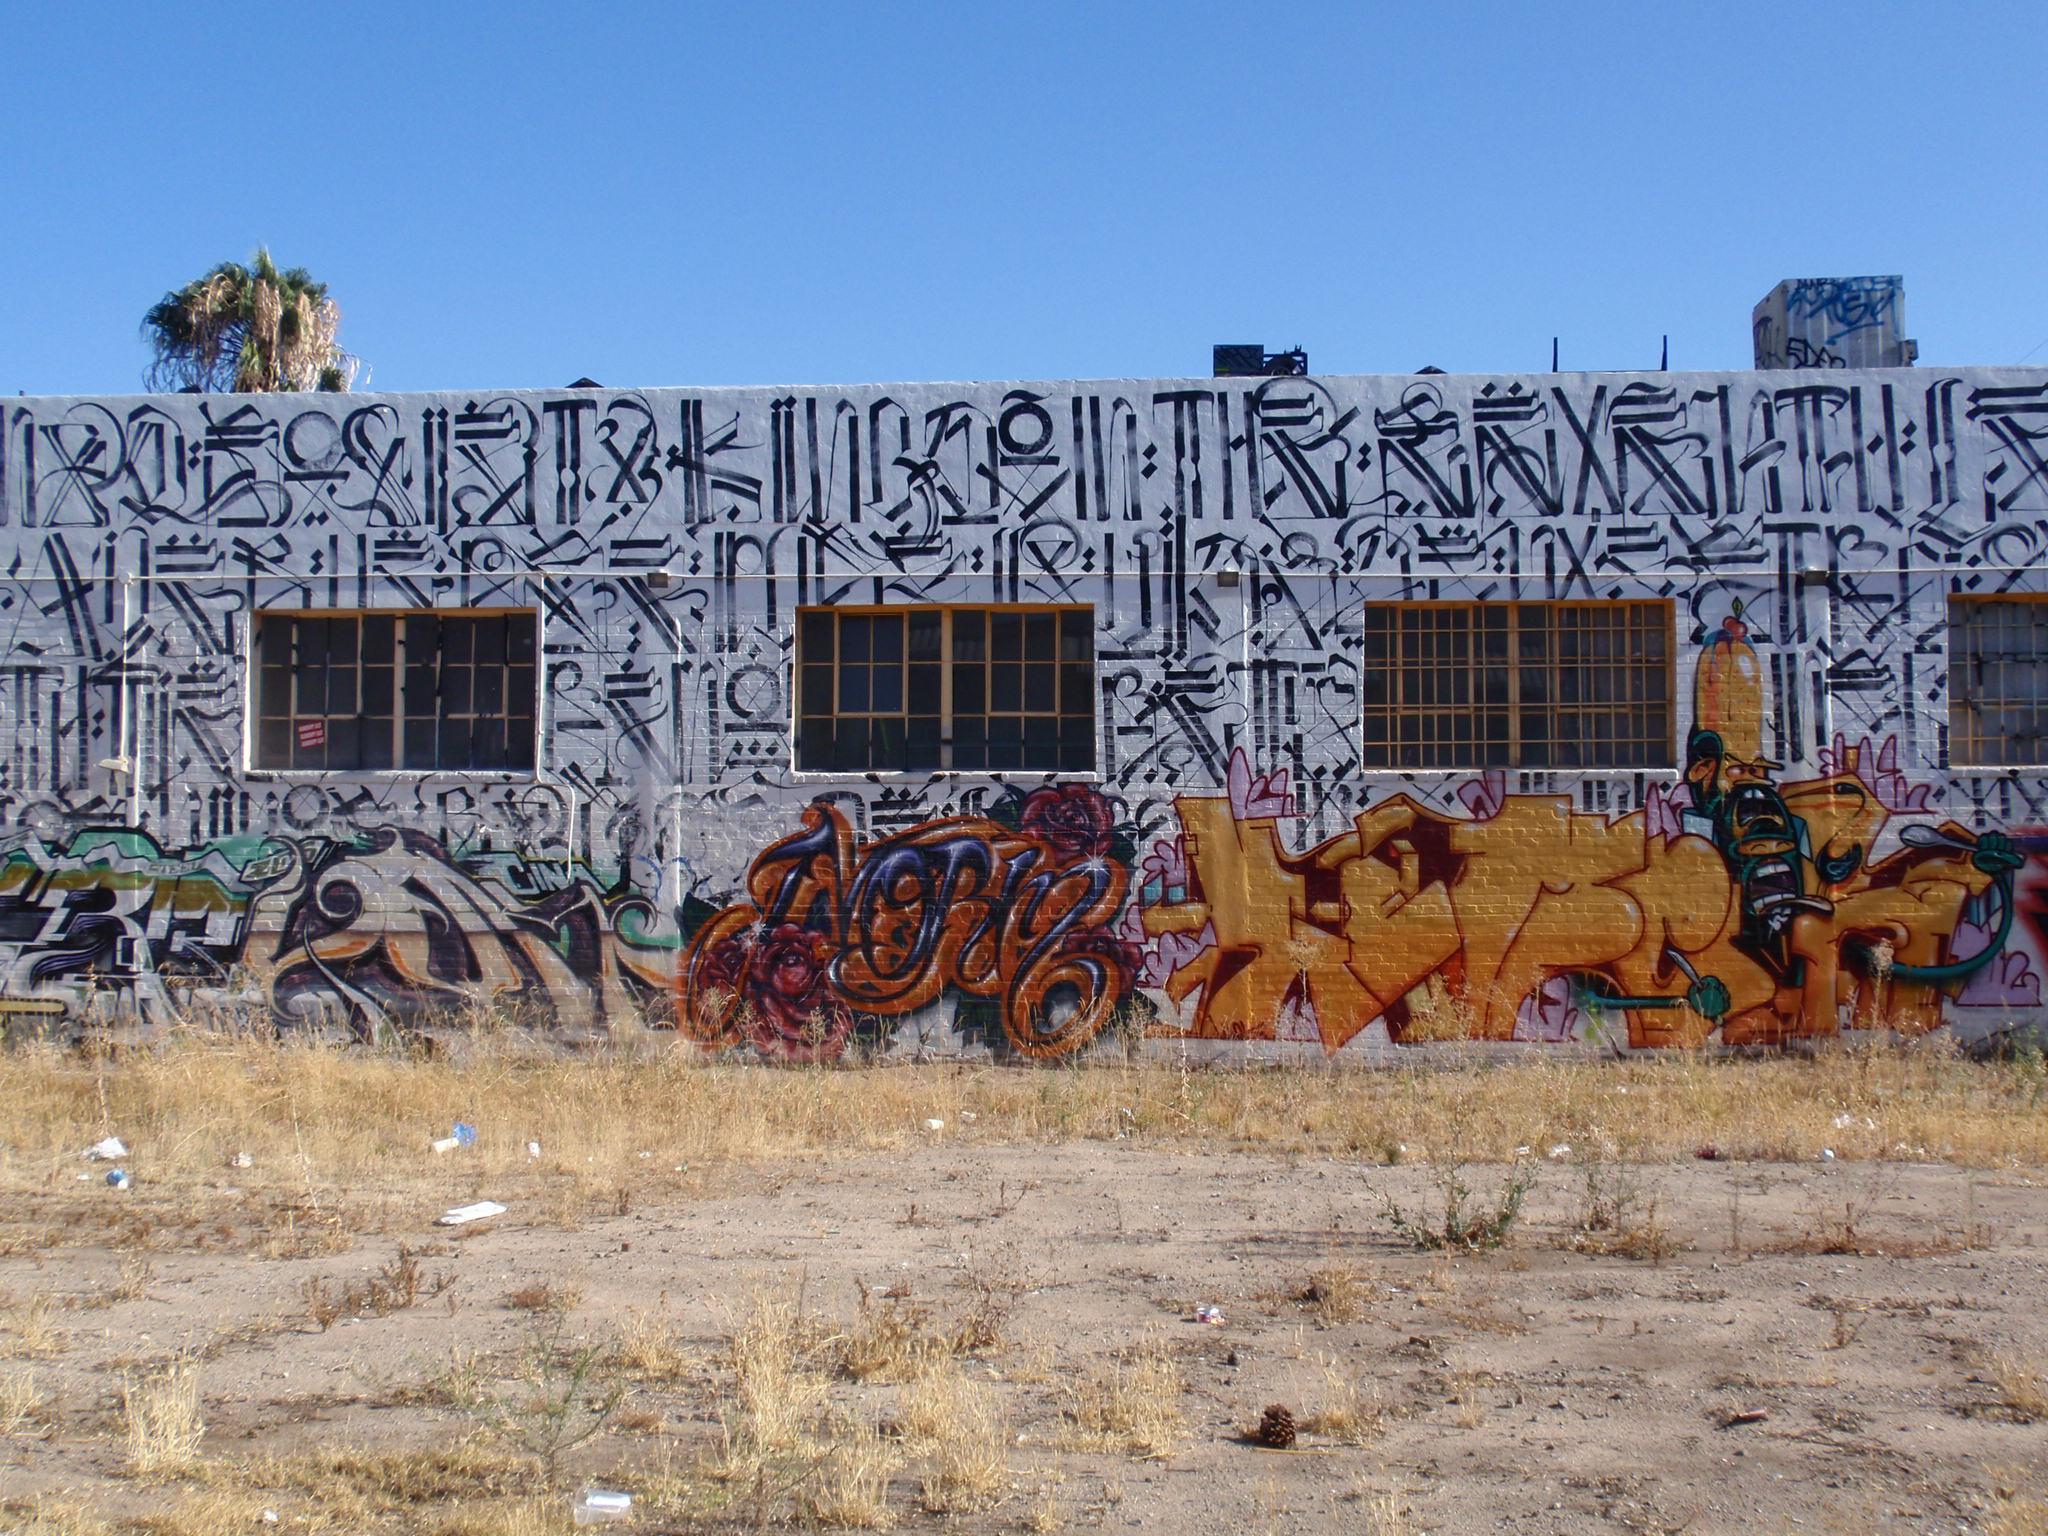 ロサンゼルスのストリートアートシーンで活躍するアーティスト:Retna (レットナ)